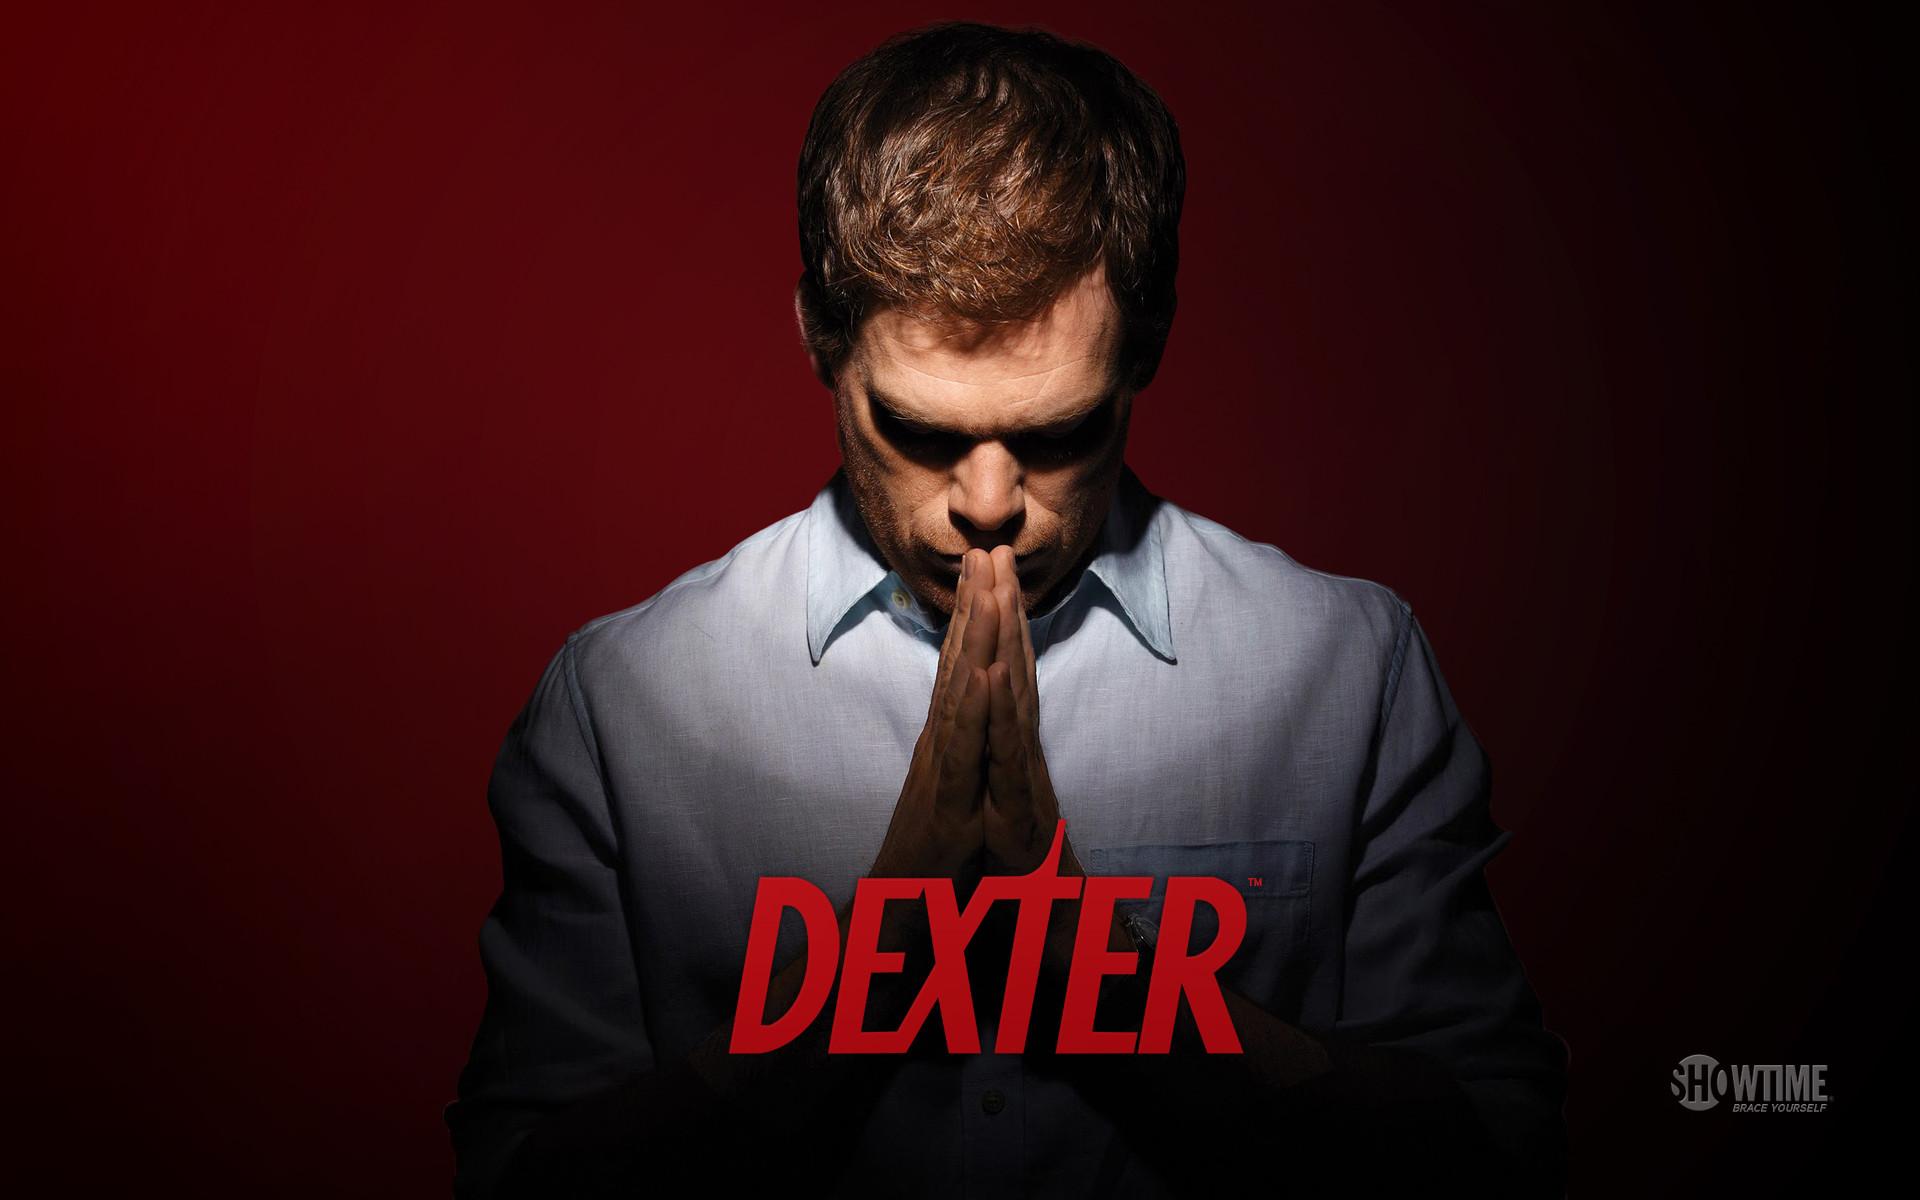 dexter season 6 wallpaper 4 hd by inickeon fan art wallpaper movies tv .